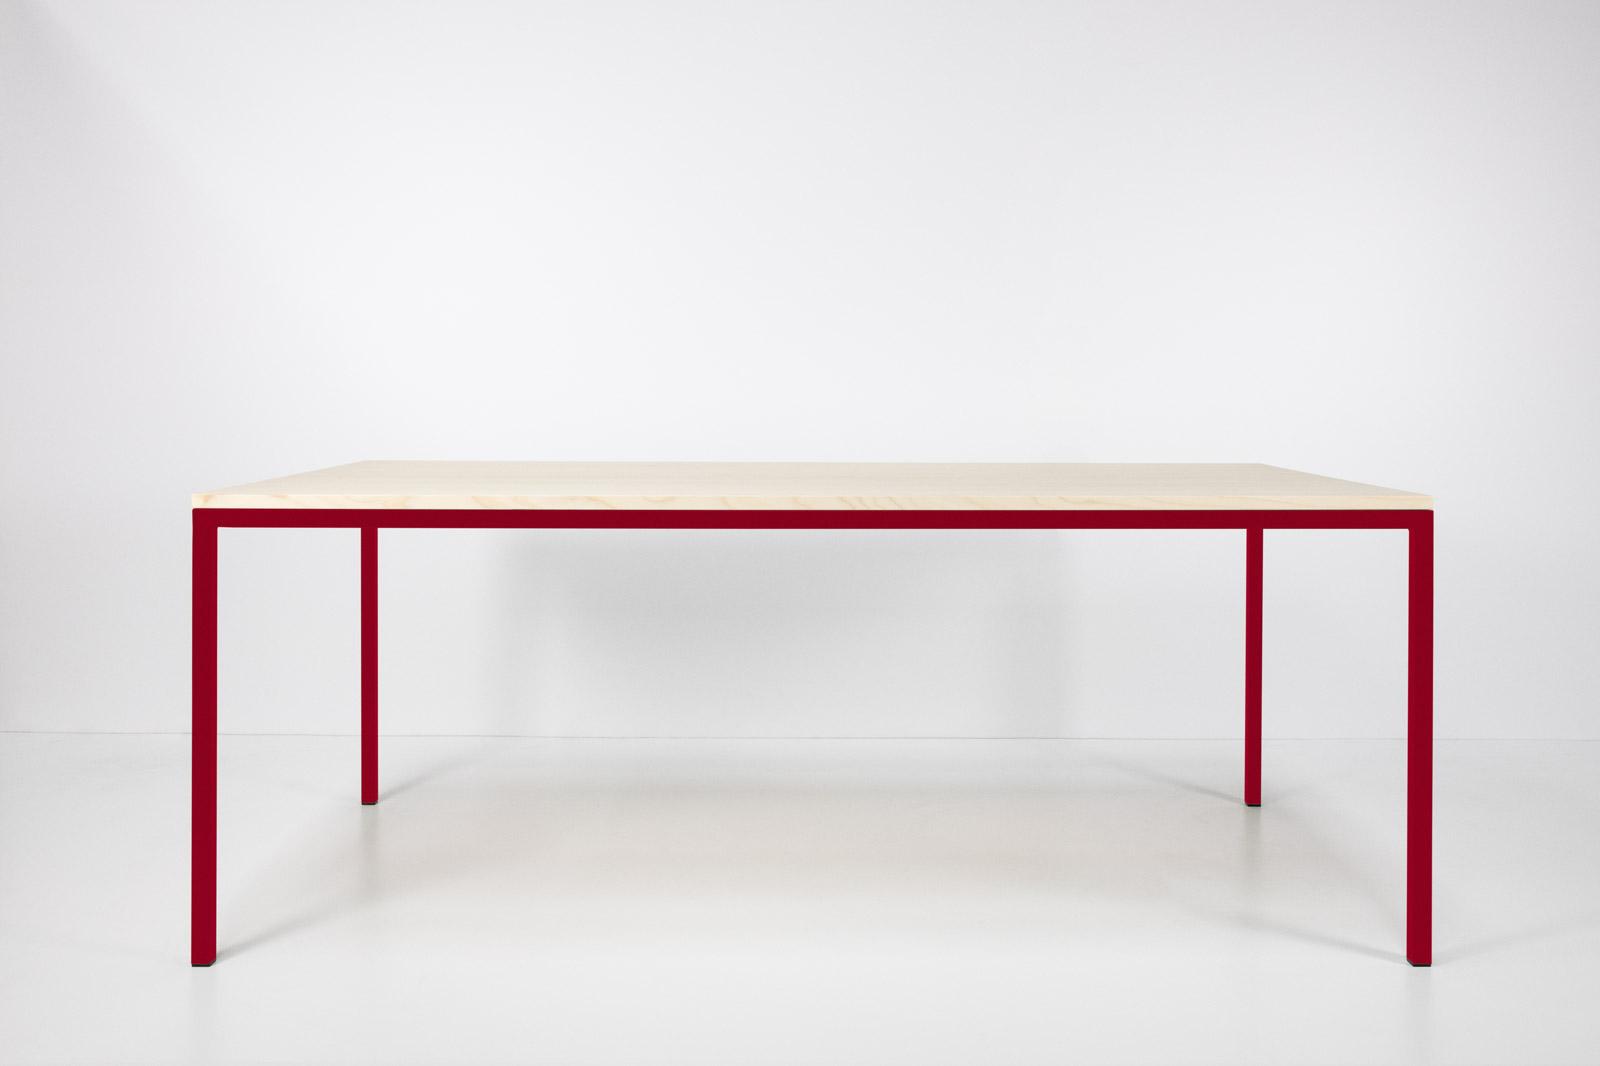 Tisch K1 - farbig